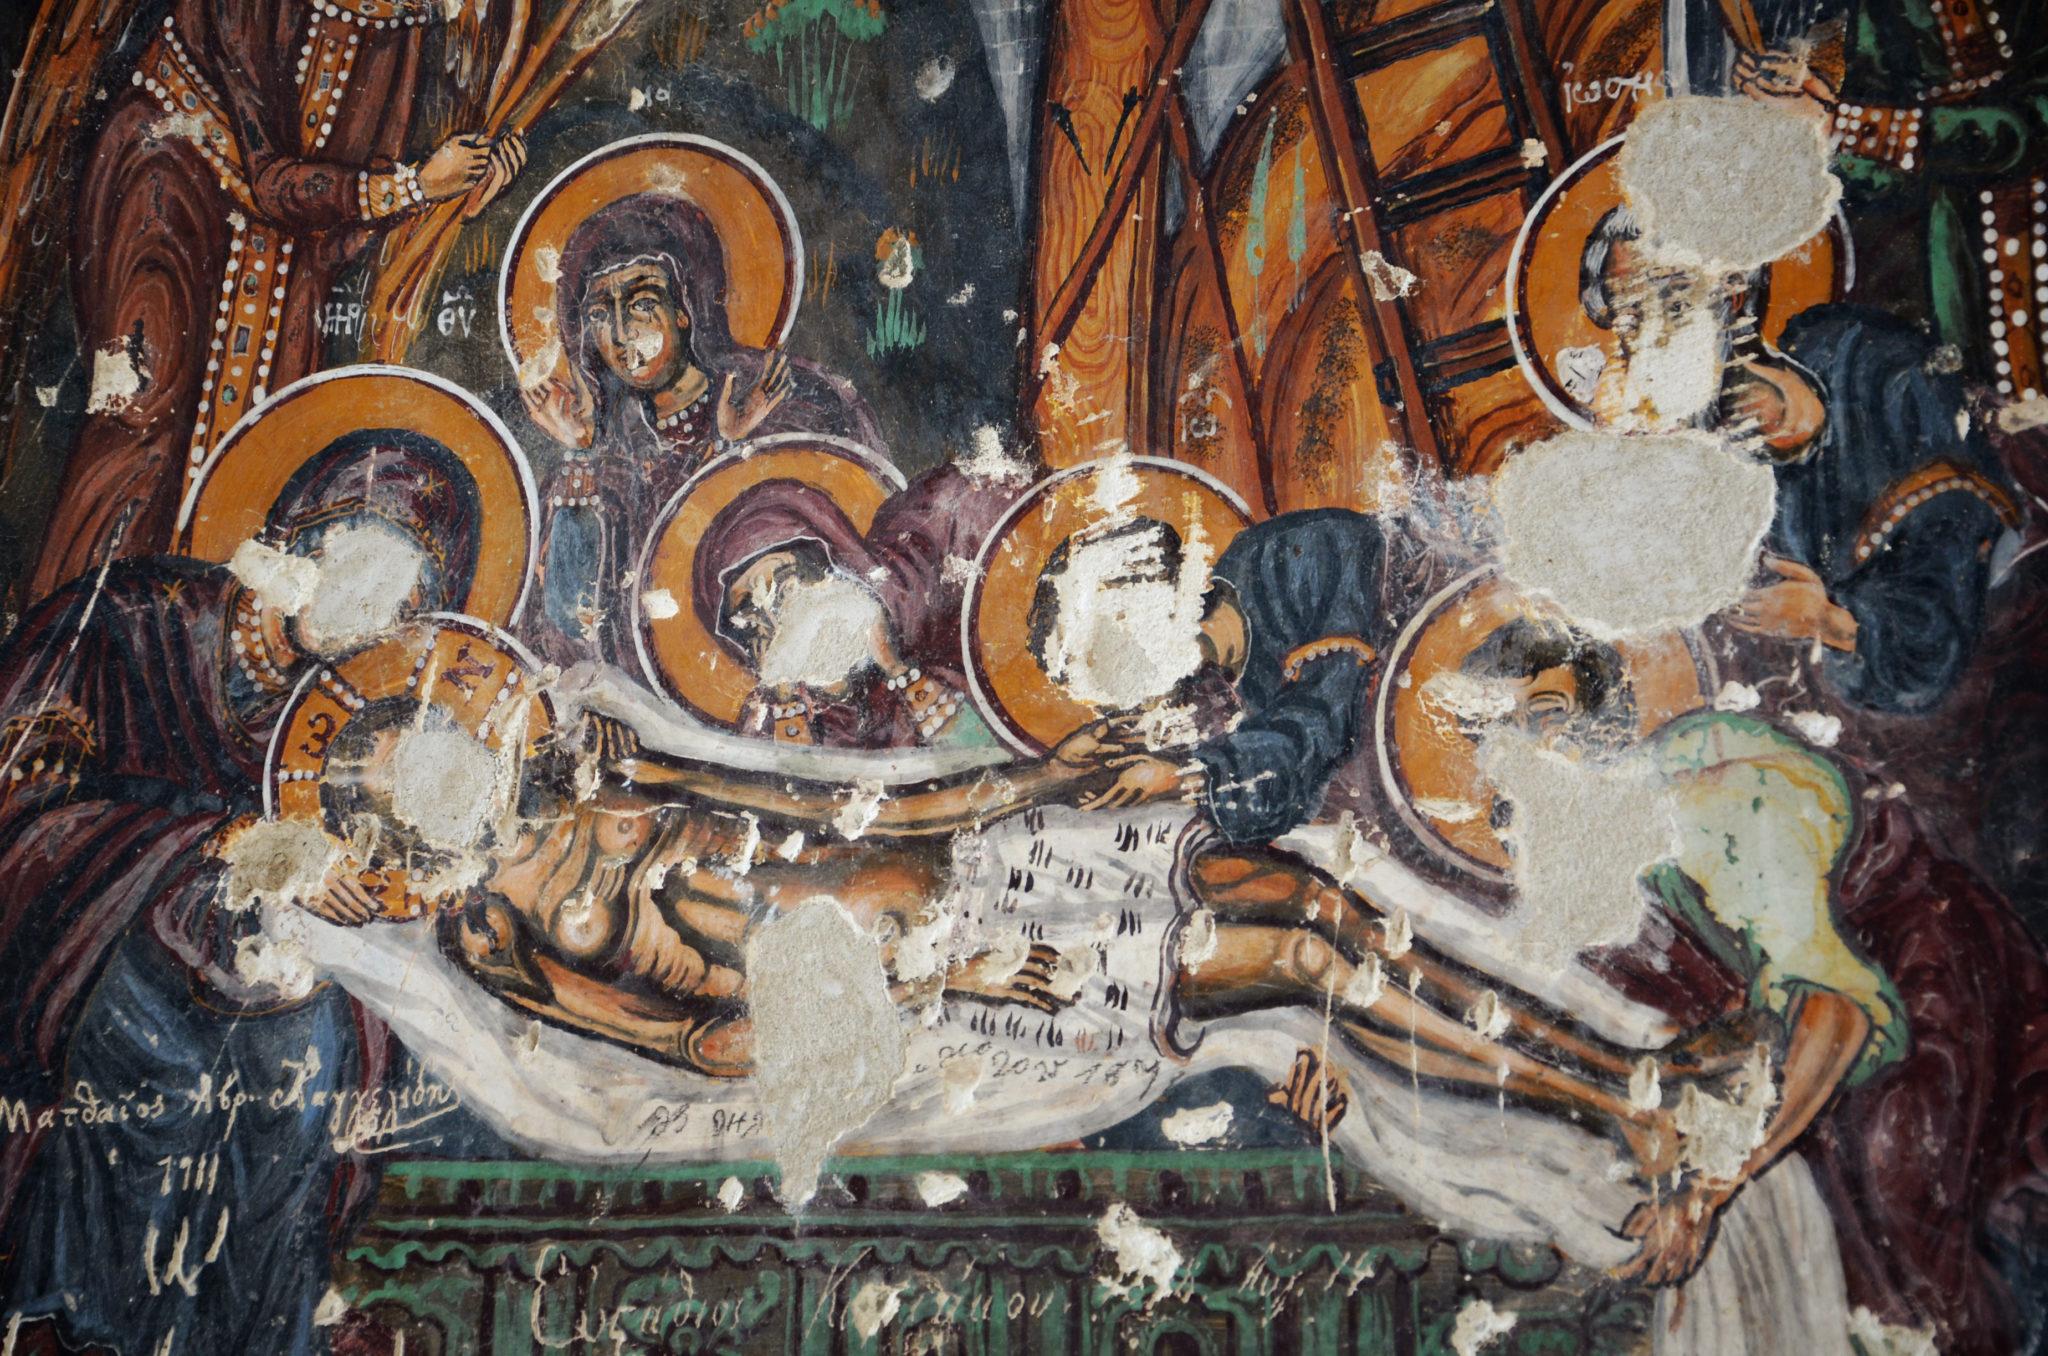 Kloster-Sumela-Malereien-ohne-Kopf